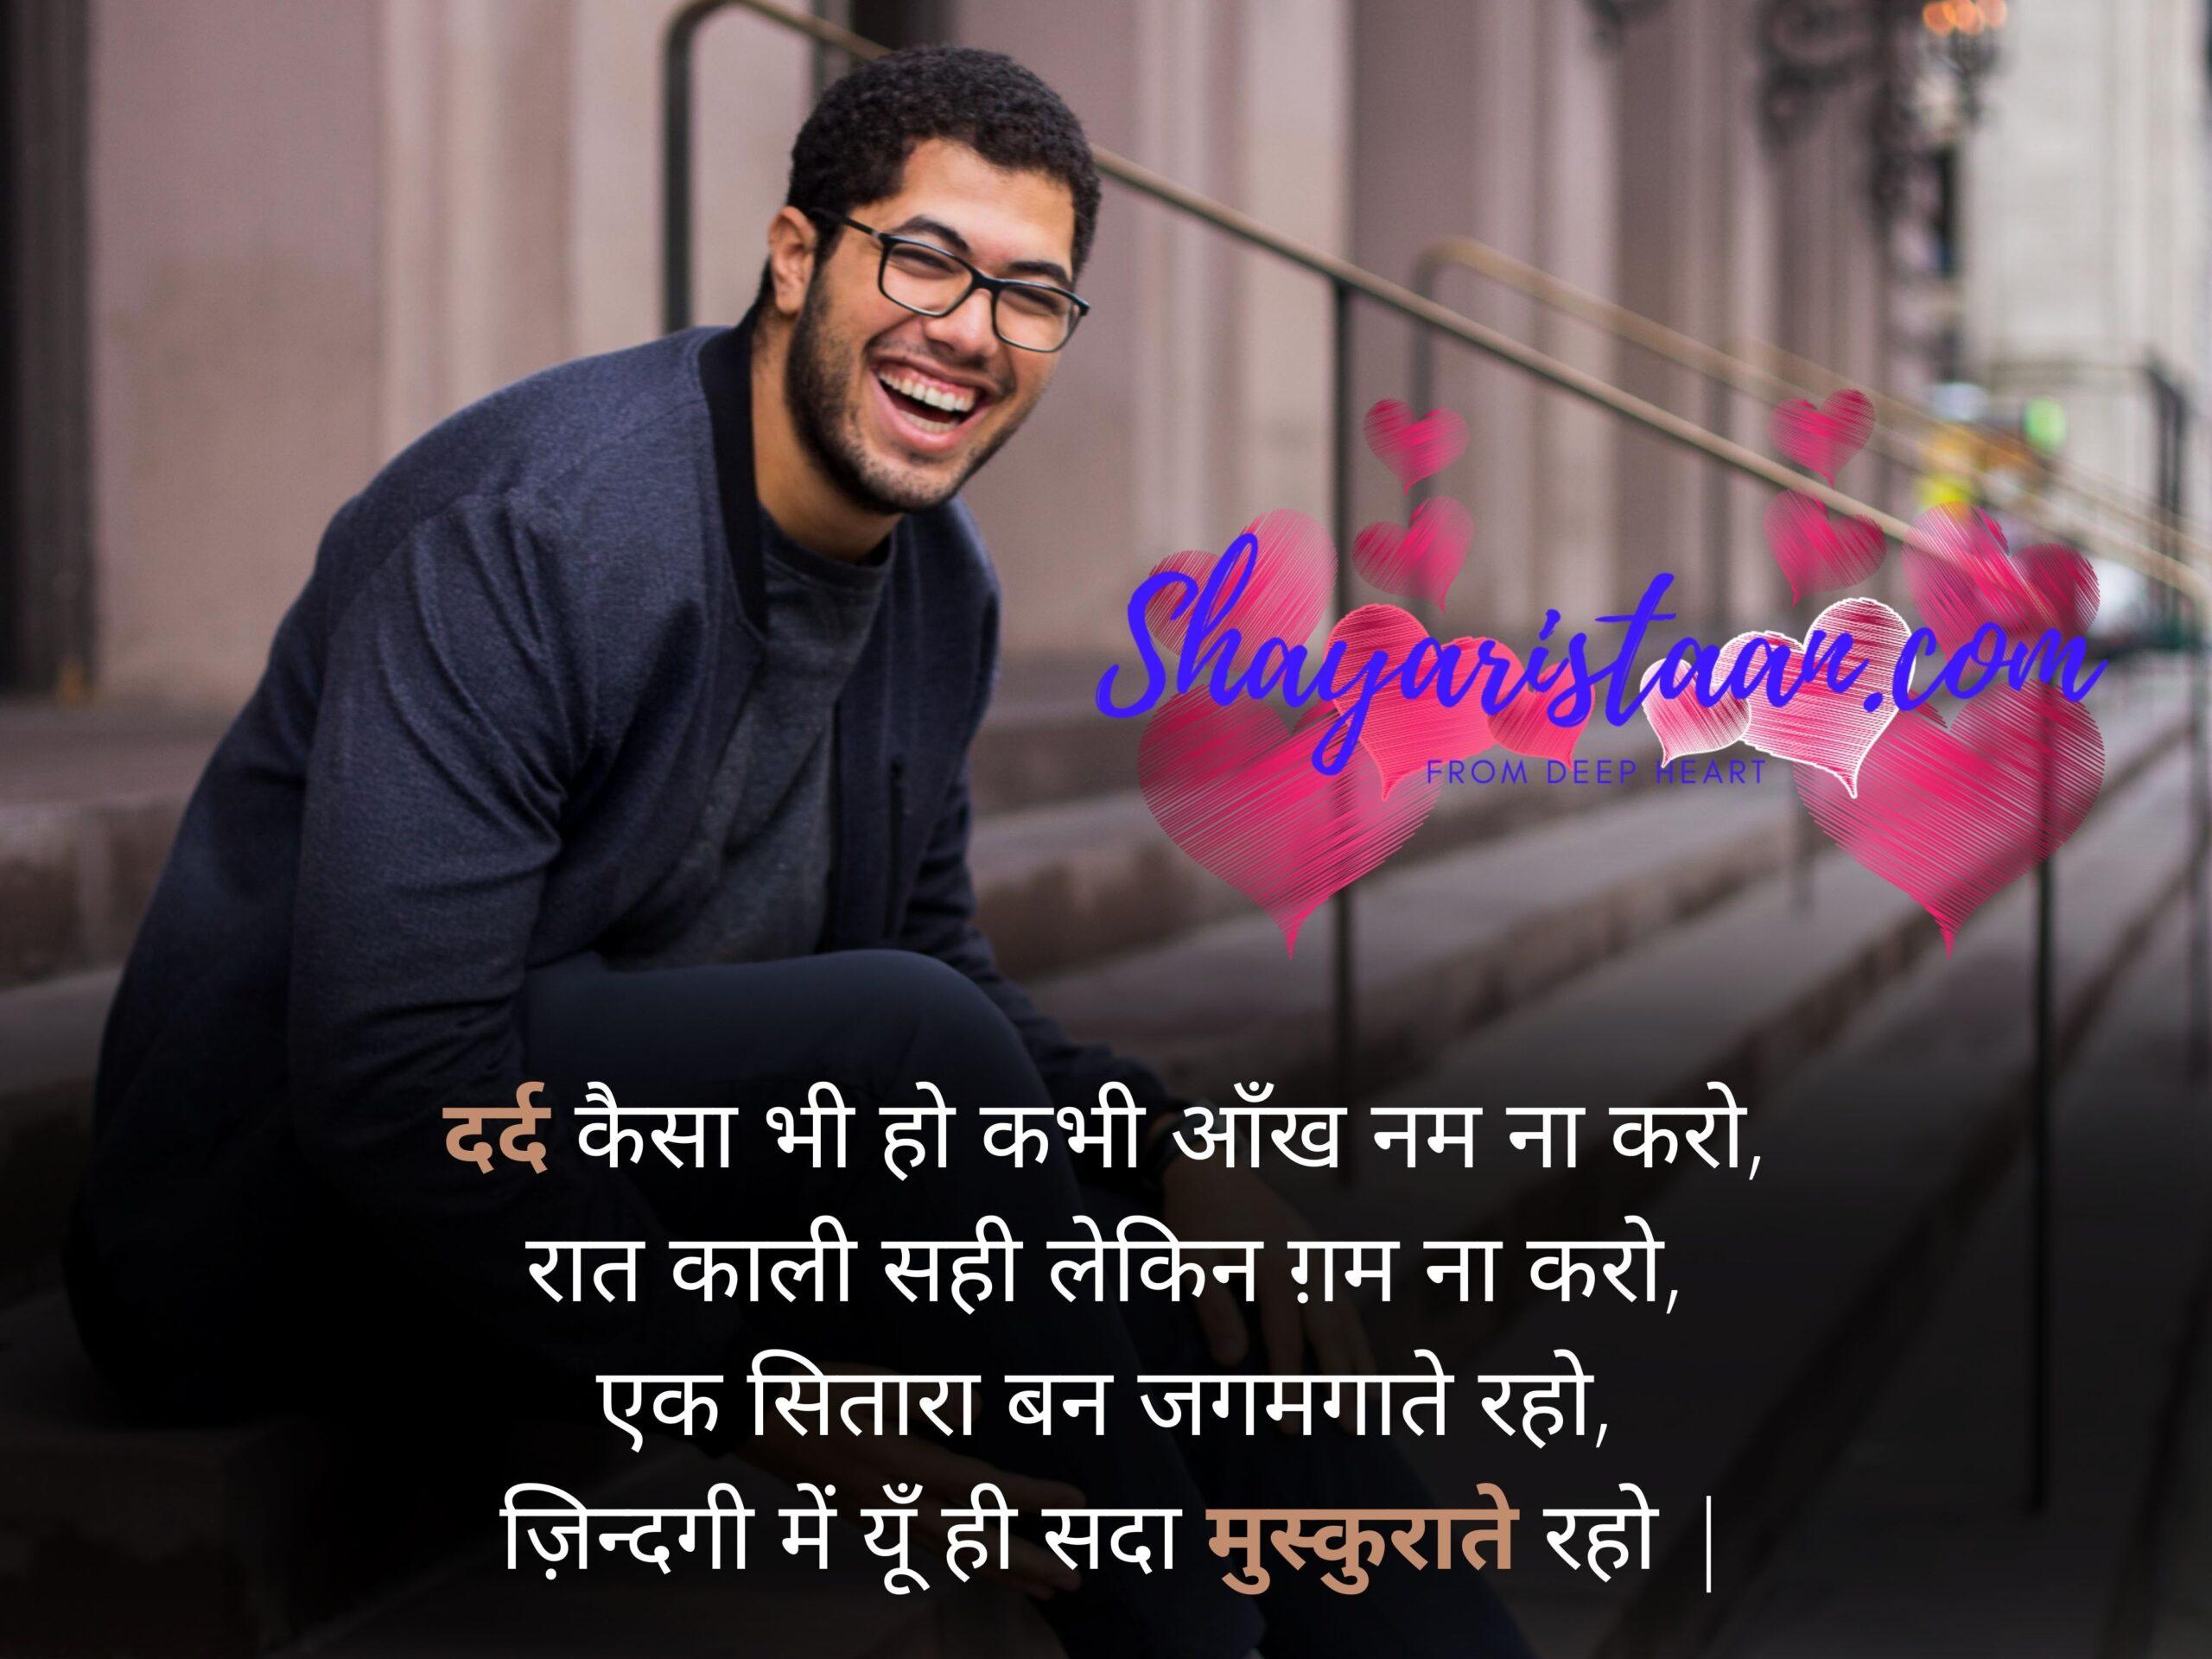 life sad shayari   दर्द कैसा भी हो कभी आँख नम ना करो, रात काली सही लेकिन ग़म ना करो, एक सितारा बन जगमगाते रहो, ज़िन्दगी में यूँ ही सदा मुस्कुराते रहो  